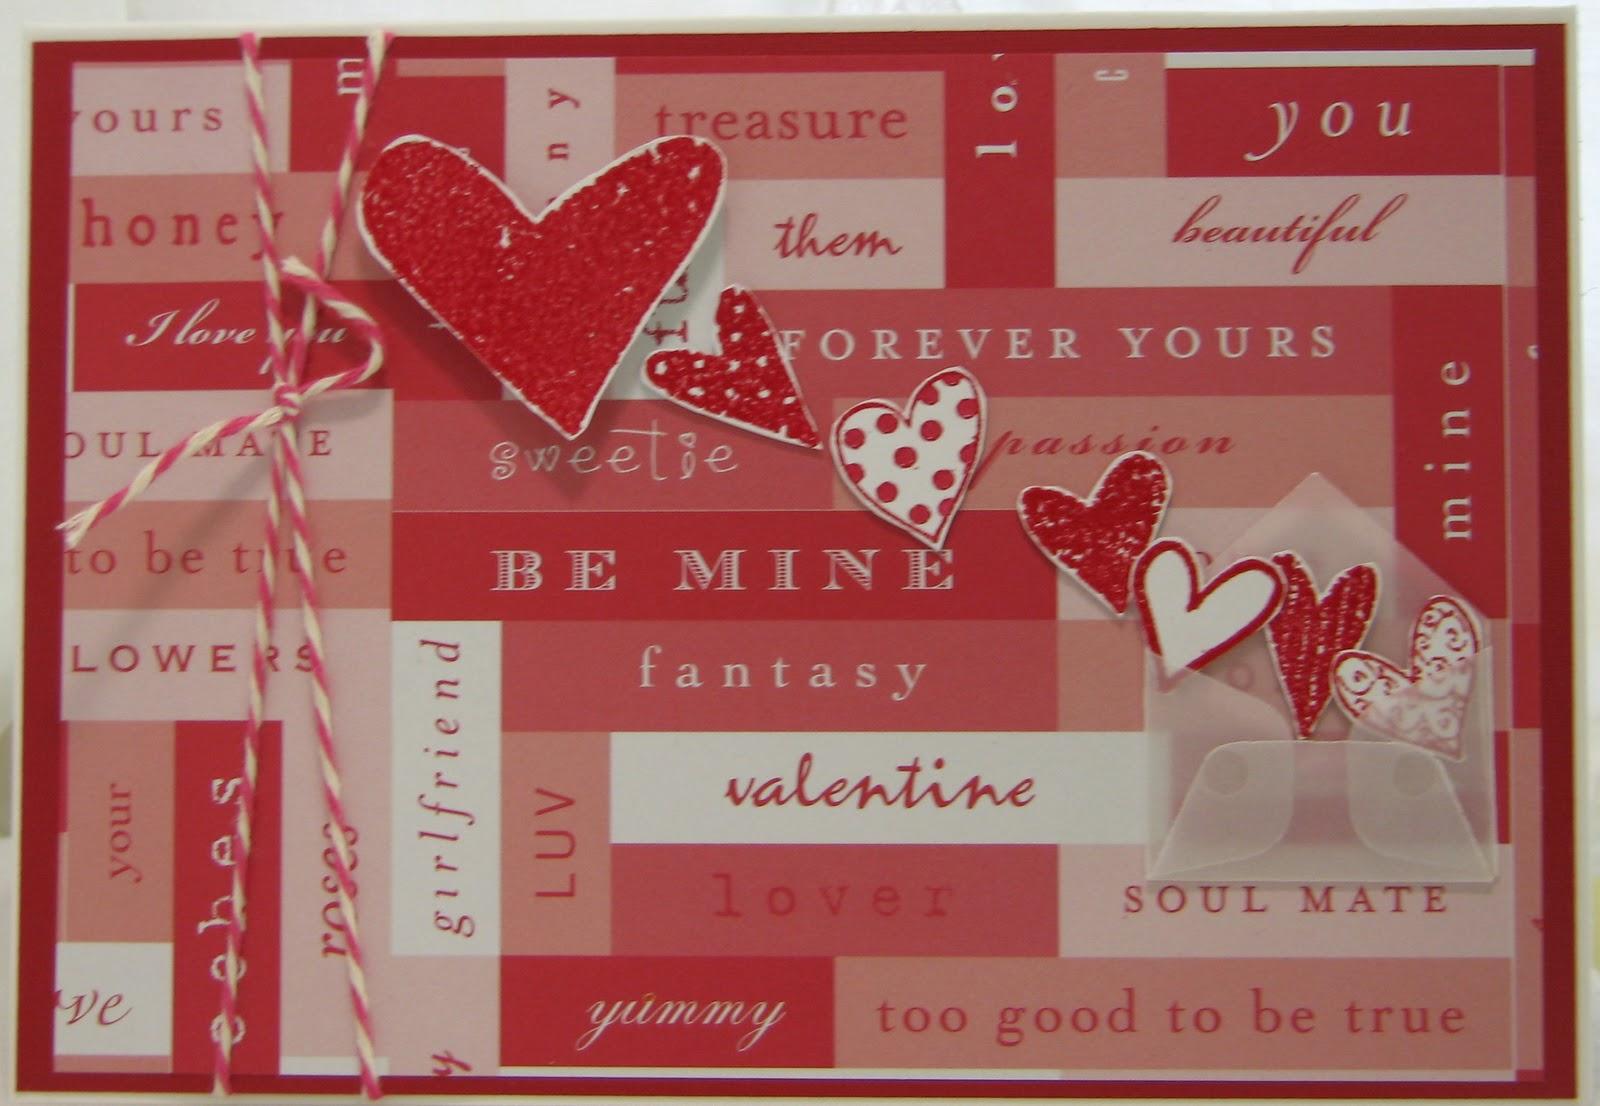 Love cards Images Wallpaper : Love cards For Him 24 Desktop Wallpaper - Hdlovewall.com